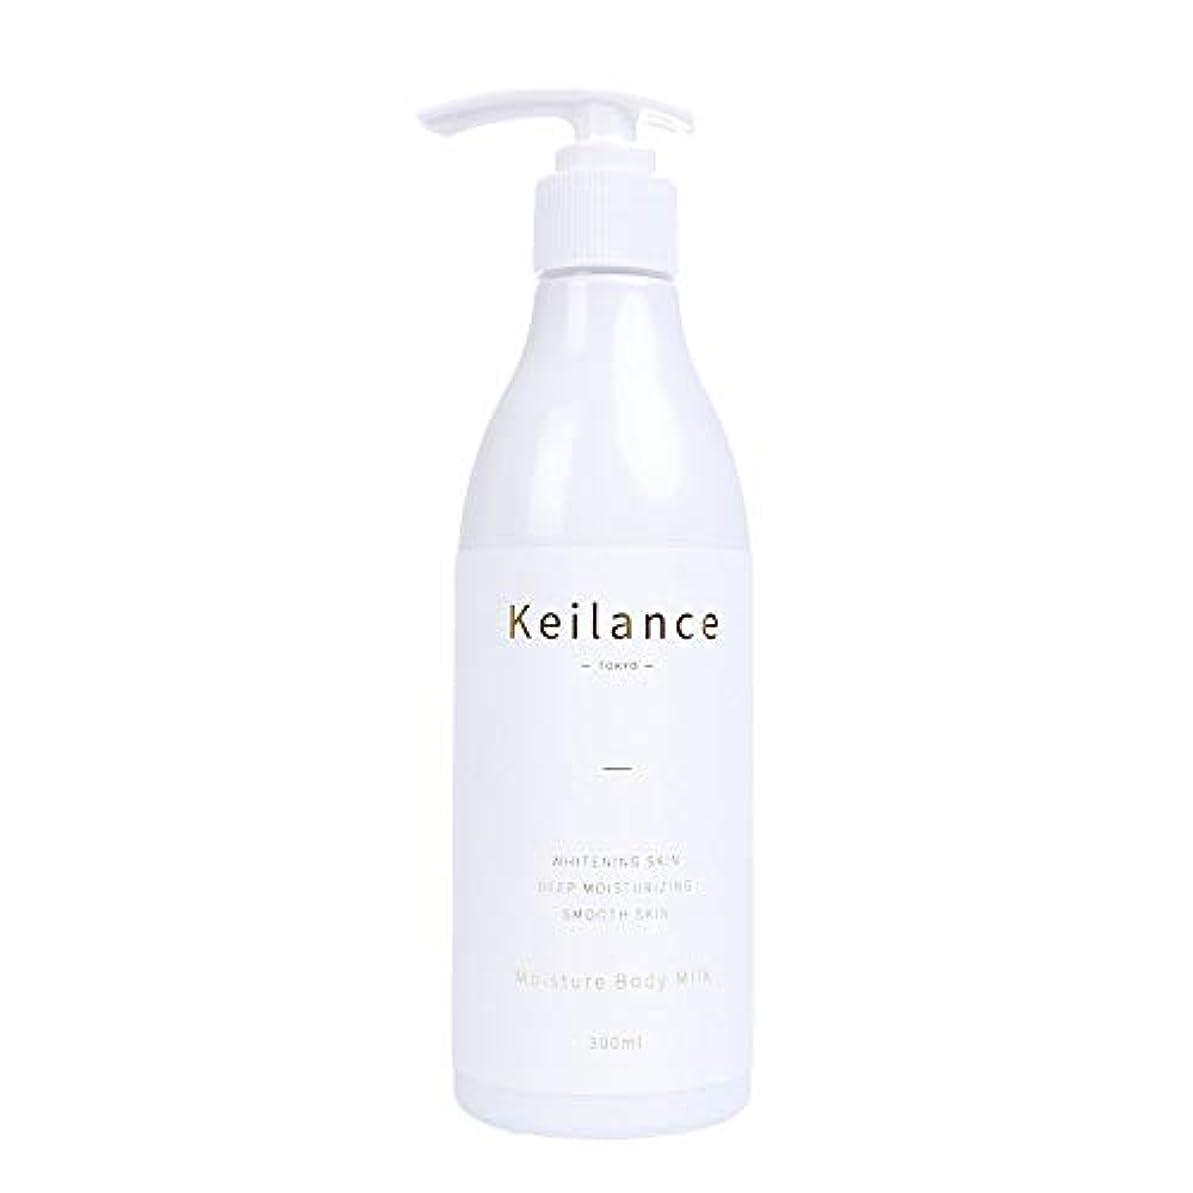 KEILANCE (ケイランス) モイスチャーボディミルク 300ml